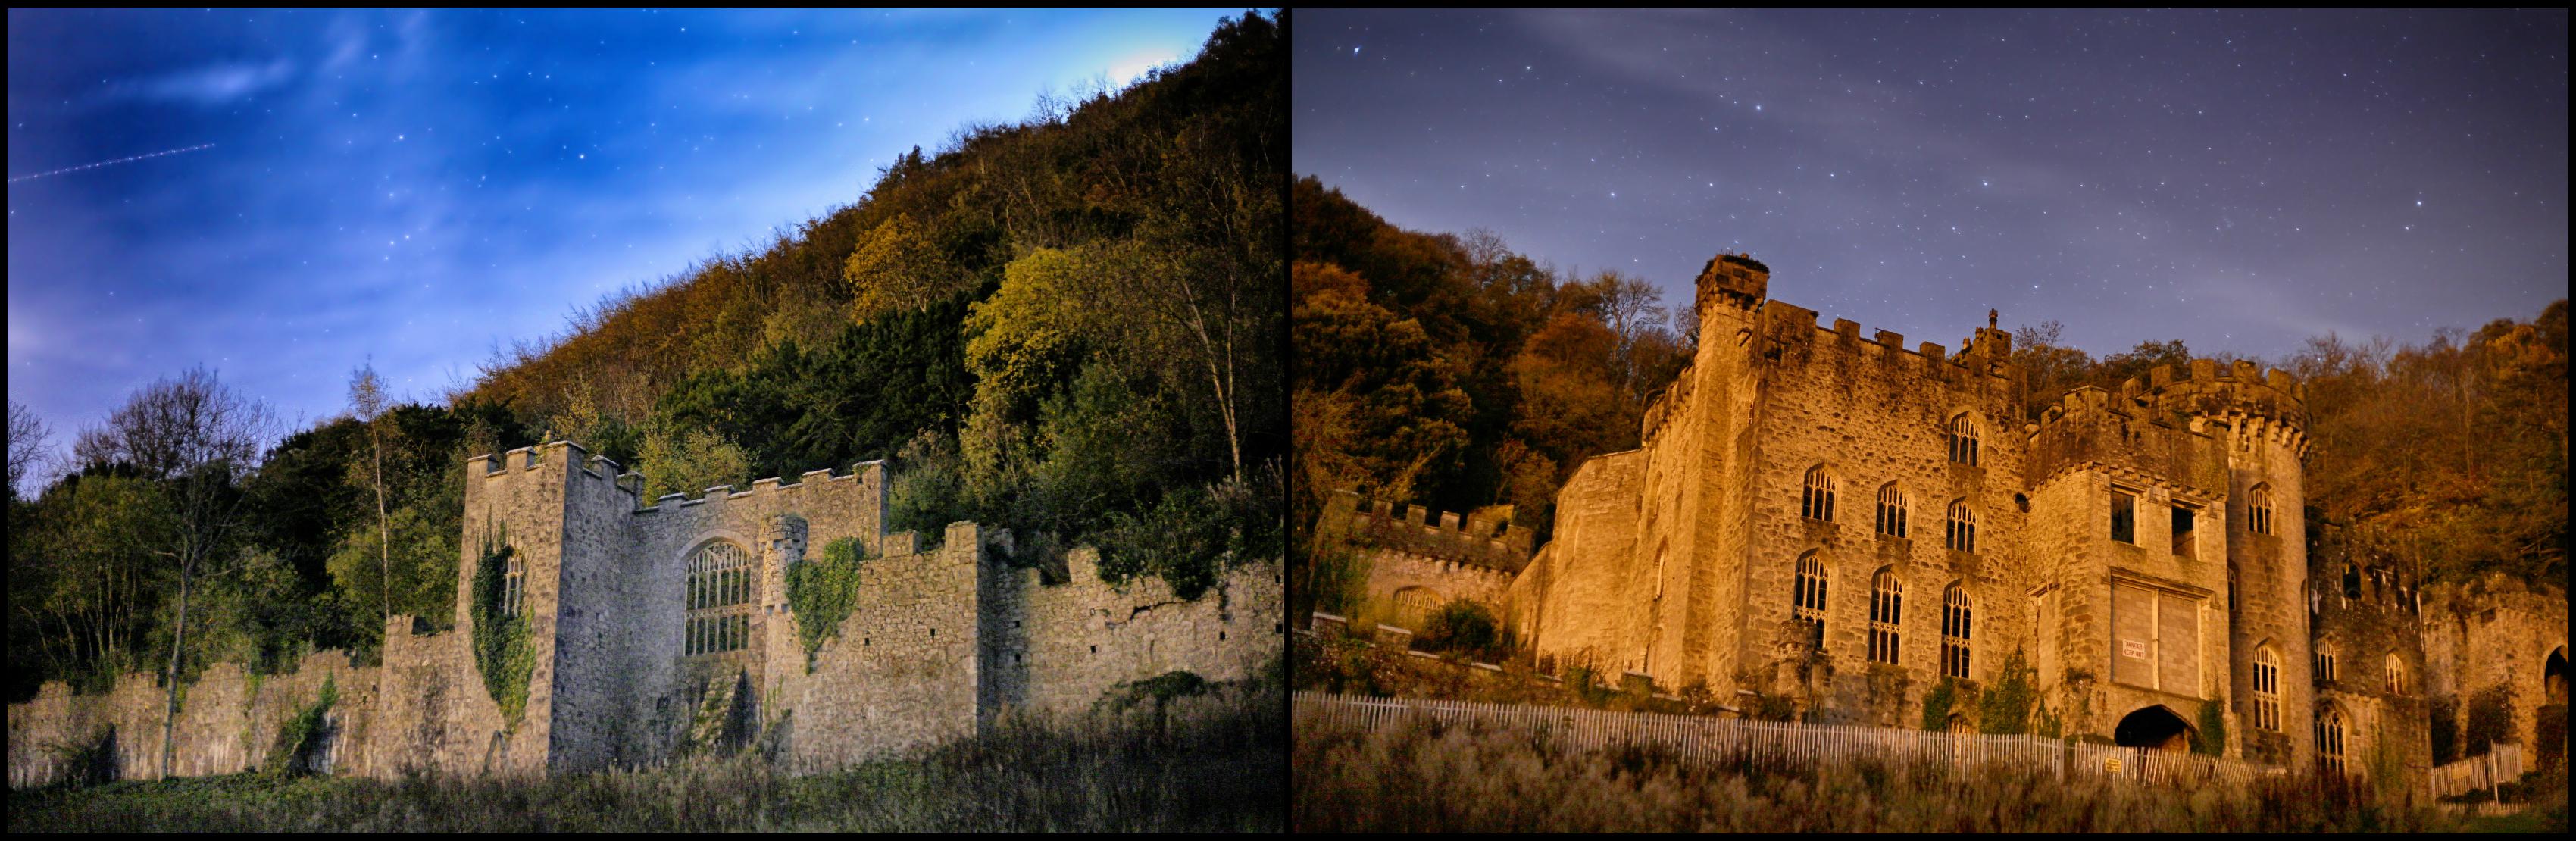 astro time-lapse au château hanté!